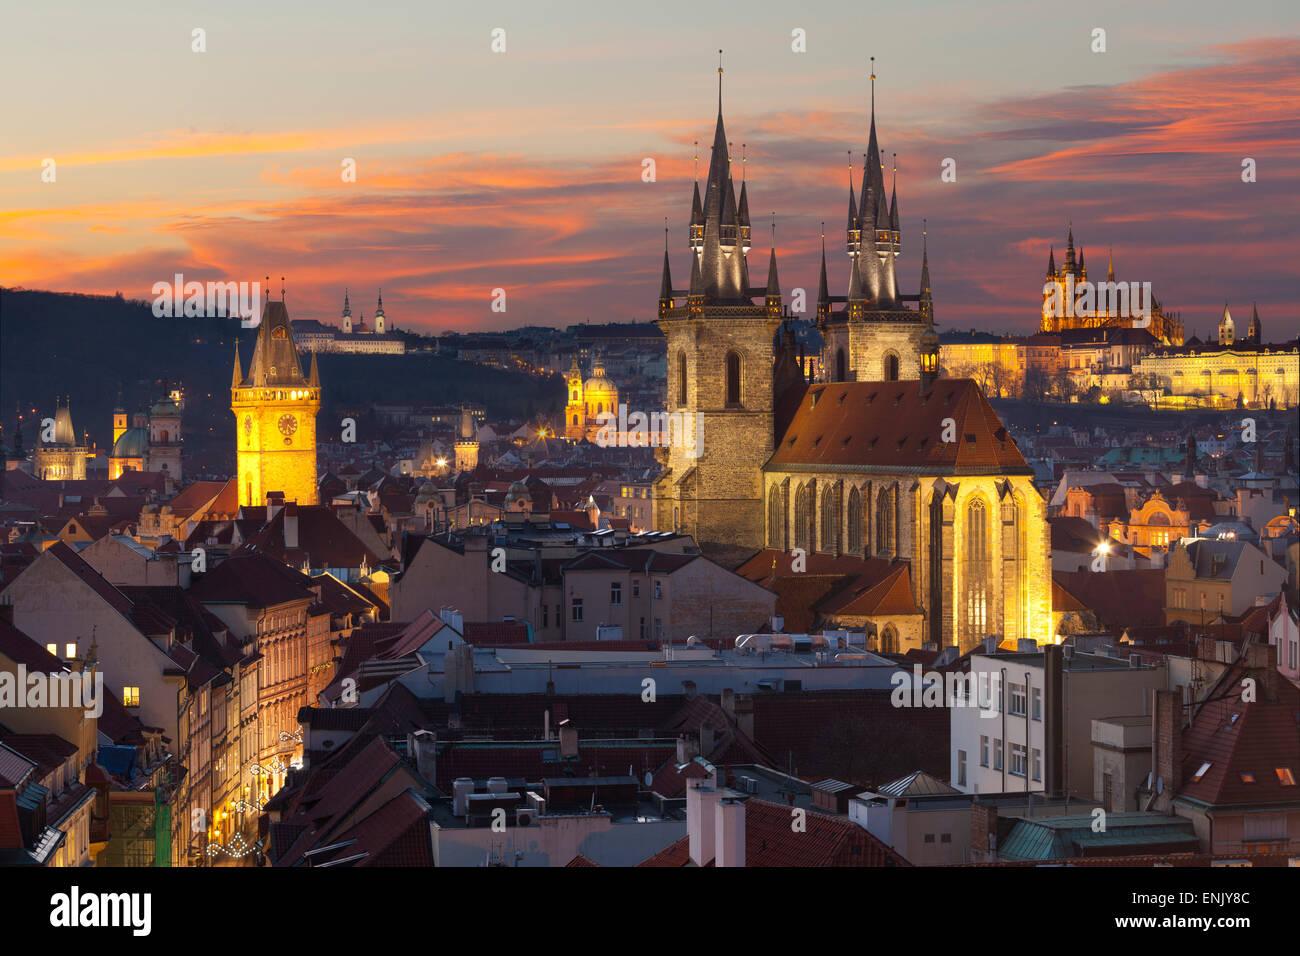 Resumen histórico de la ciudad al atardecer, Praga, República Checa, Europa Imagen De Stock